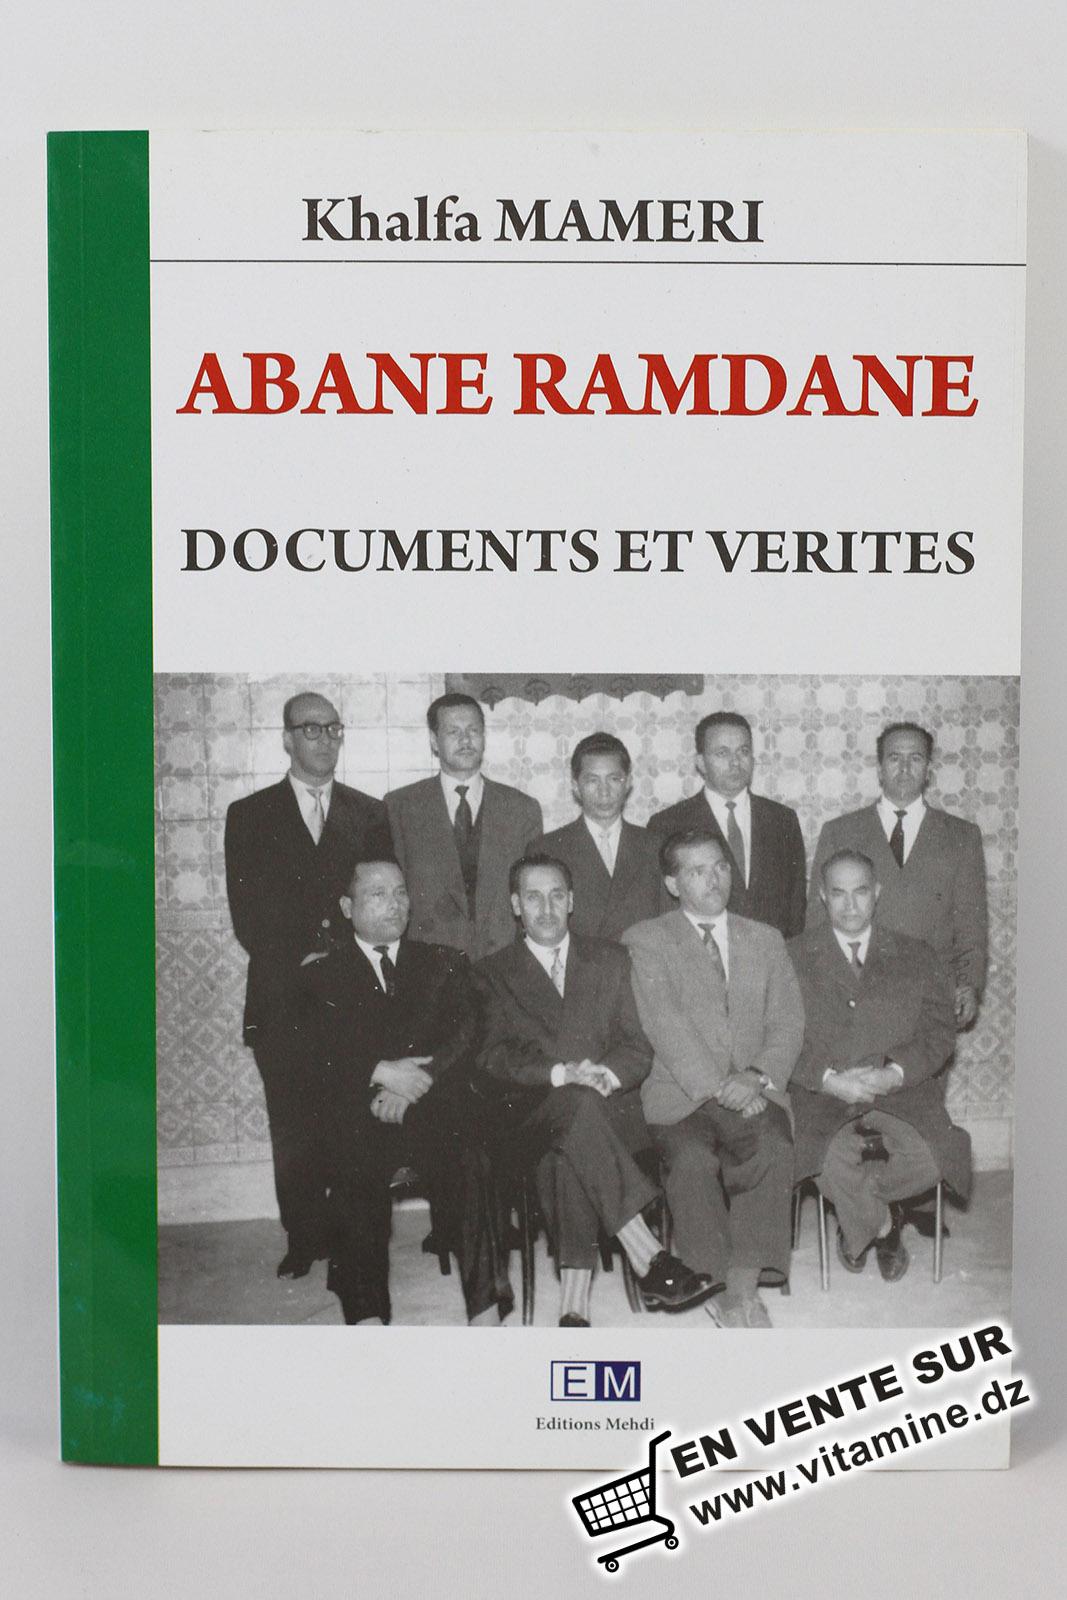 Khalfa MAMERI - ABANE RAMDANE, Documents et vérités